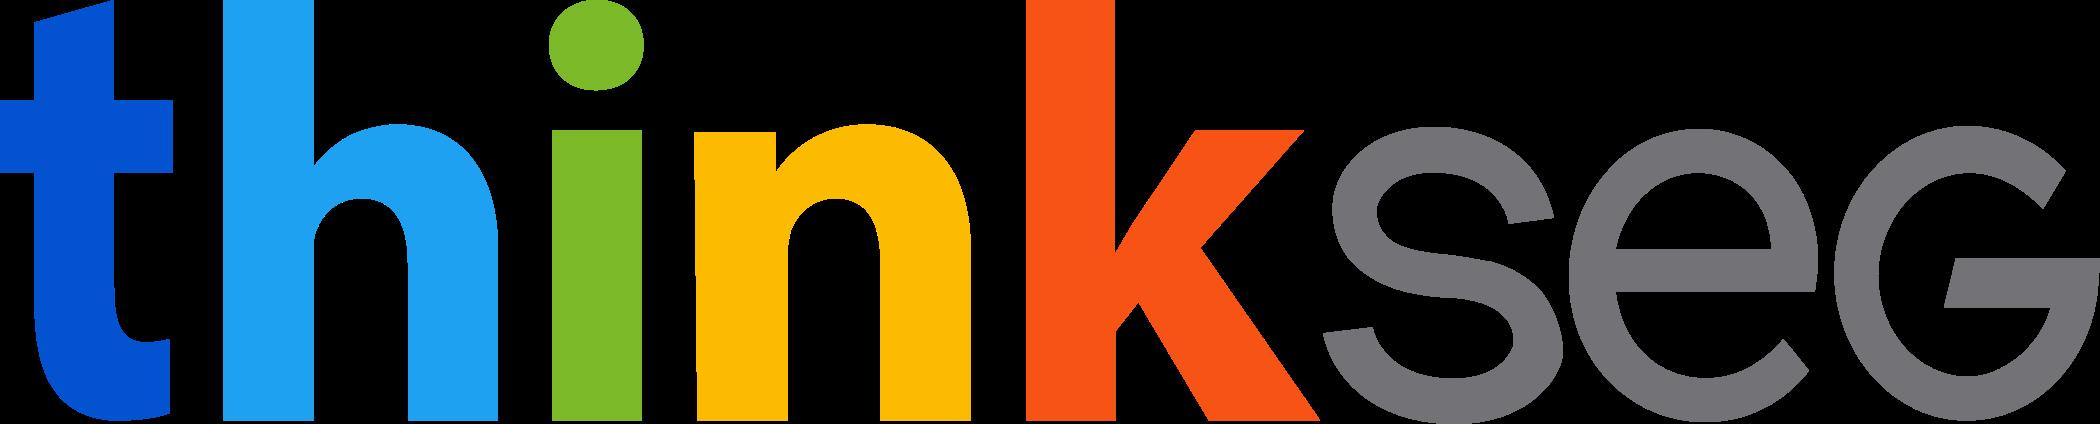 ThinkSeg logo.